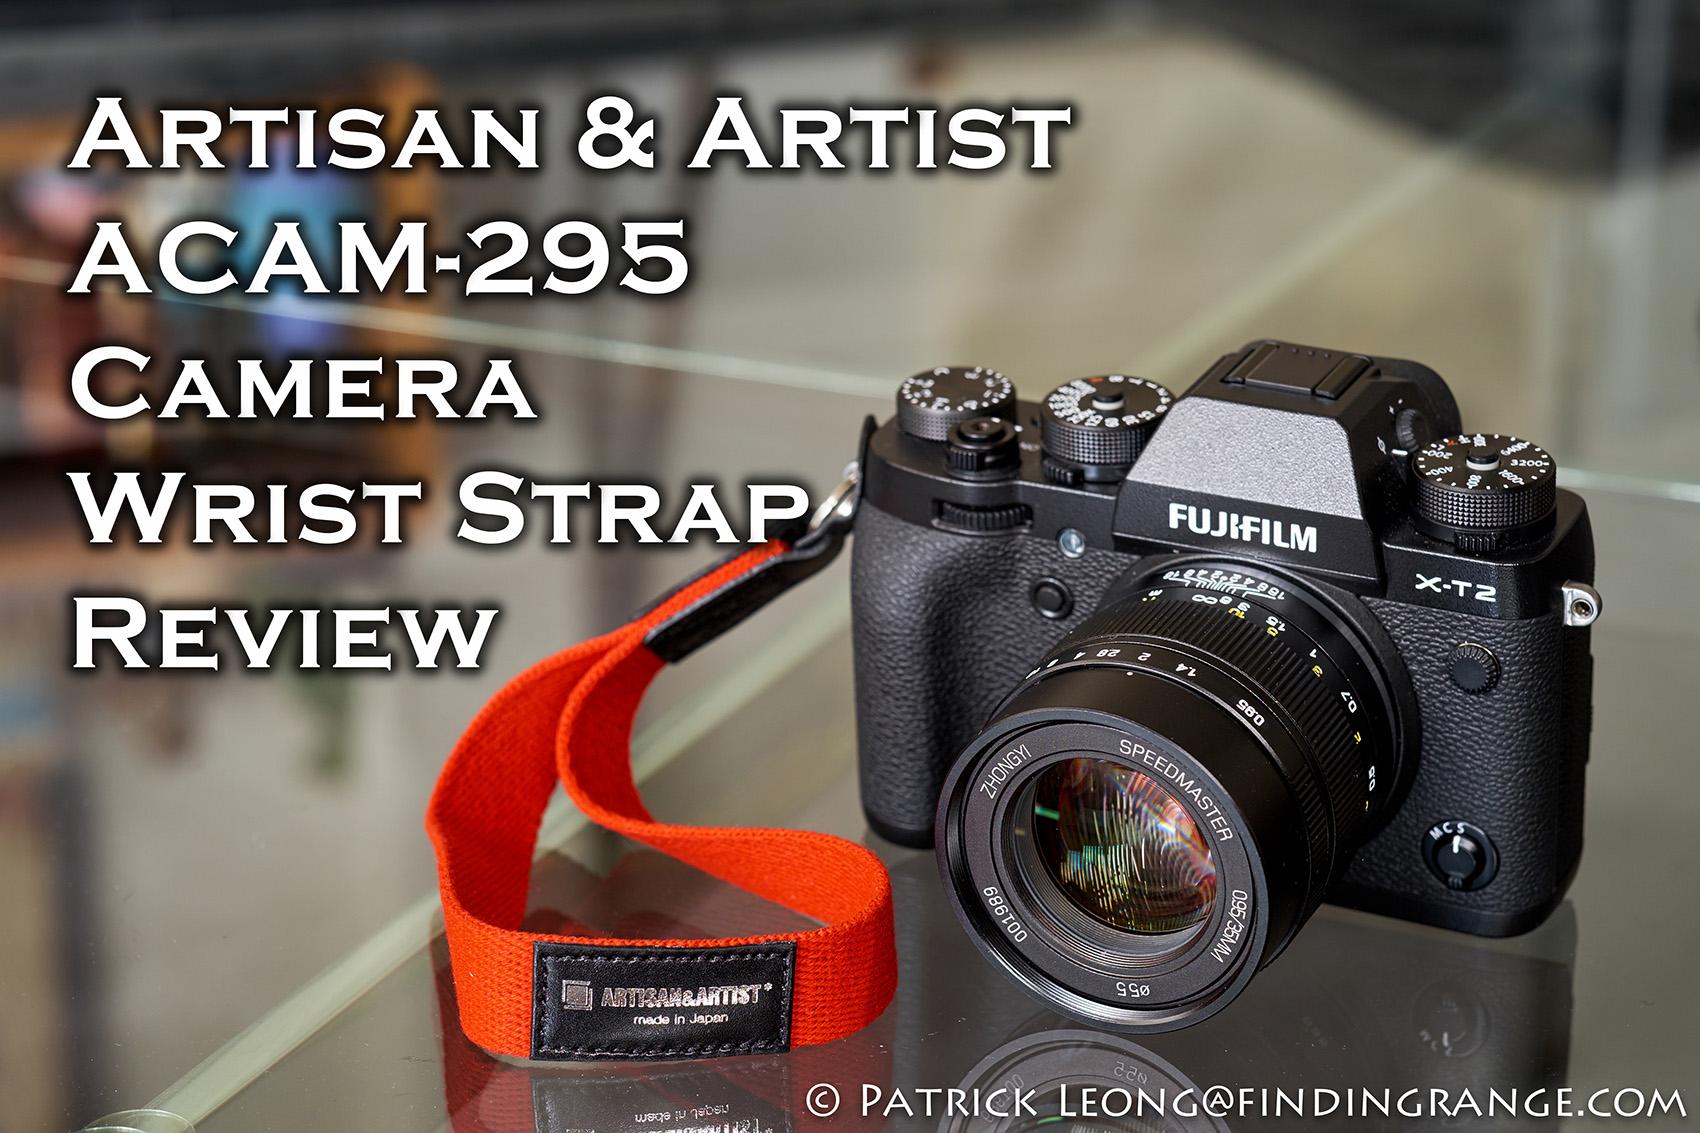 Artisan-Artist-ACAM-295-Camera-Wrist-Strap-Review-Fuji-X-T2-2